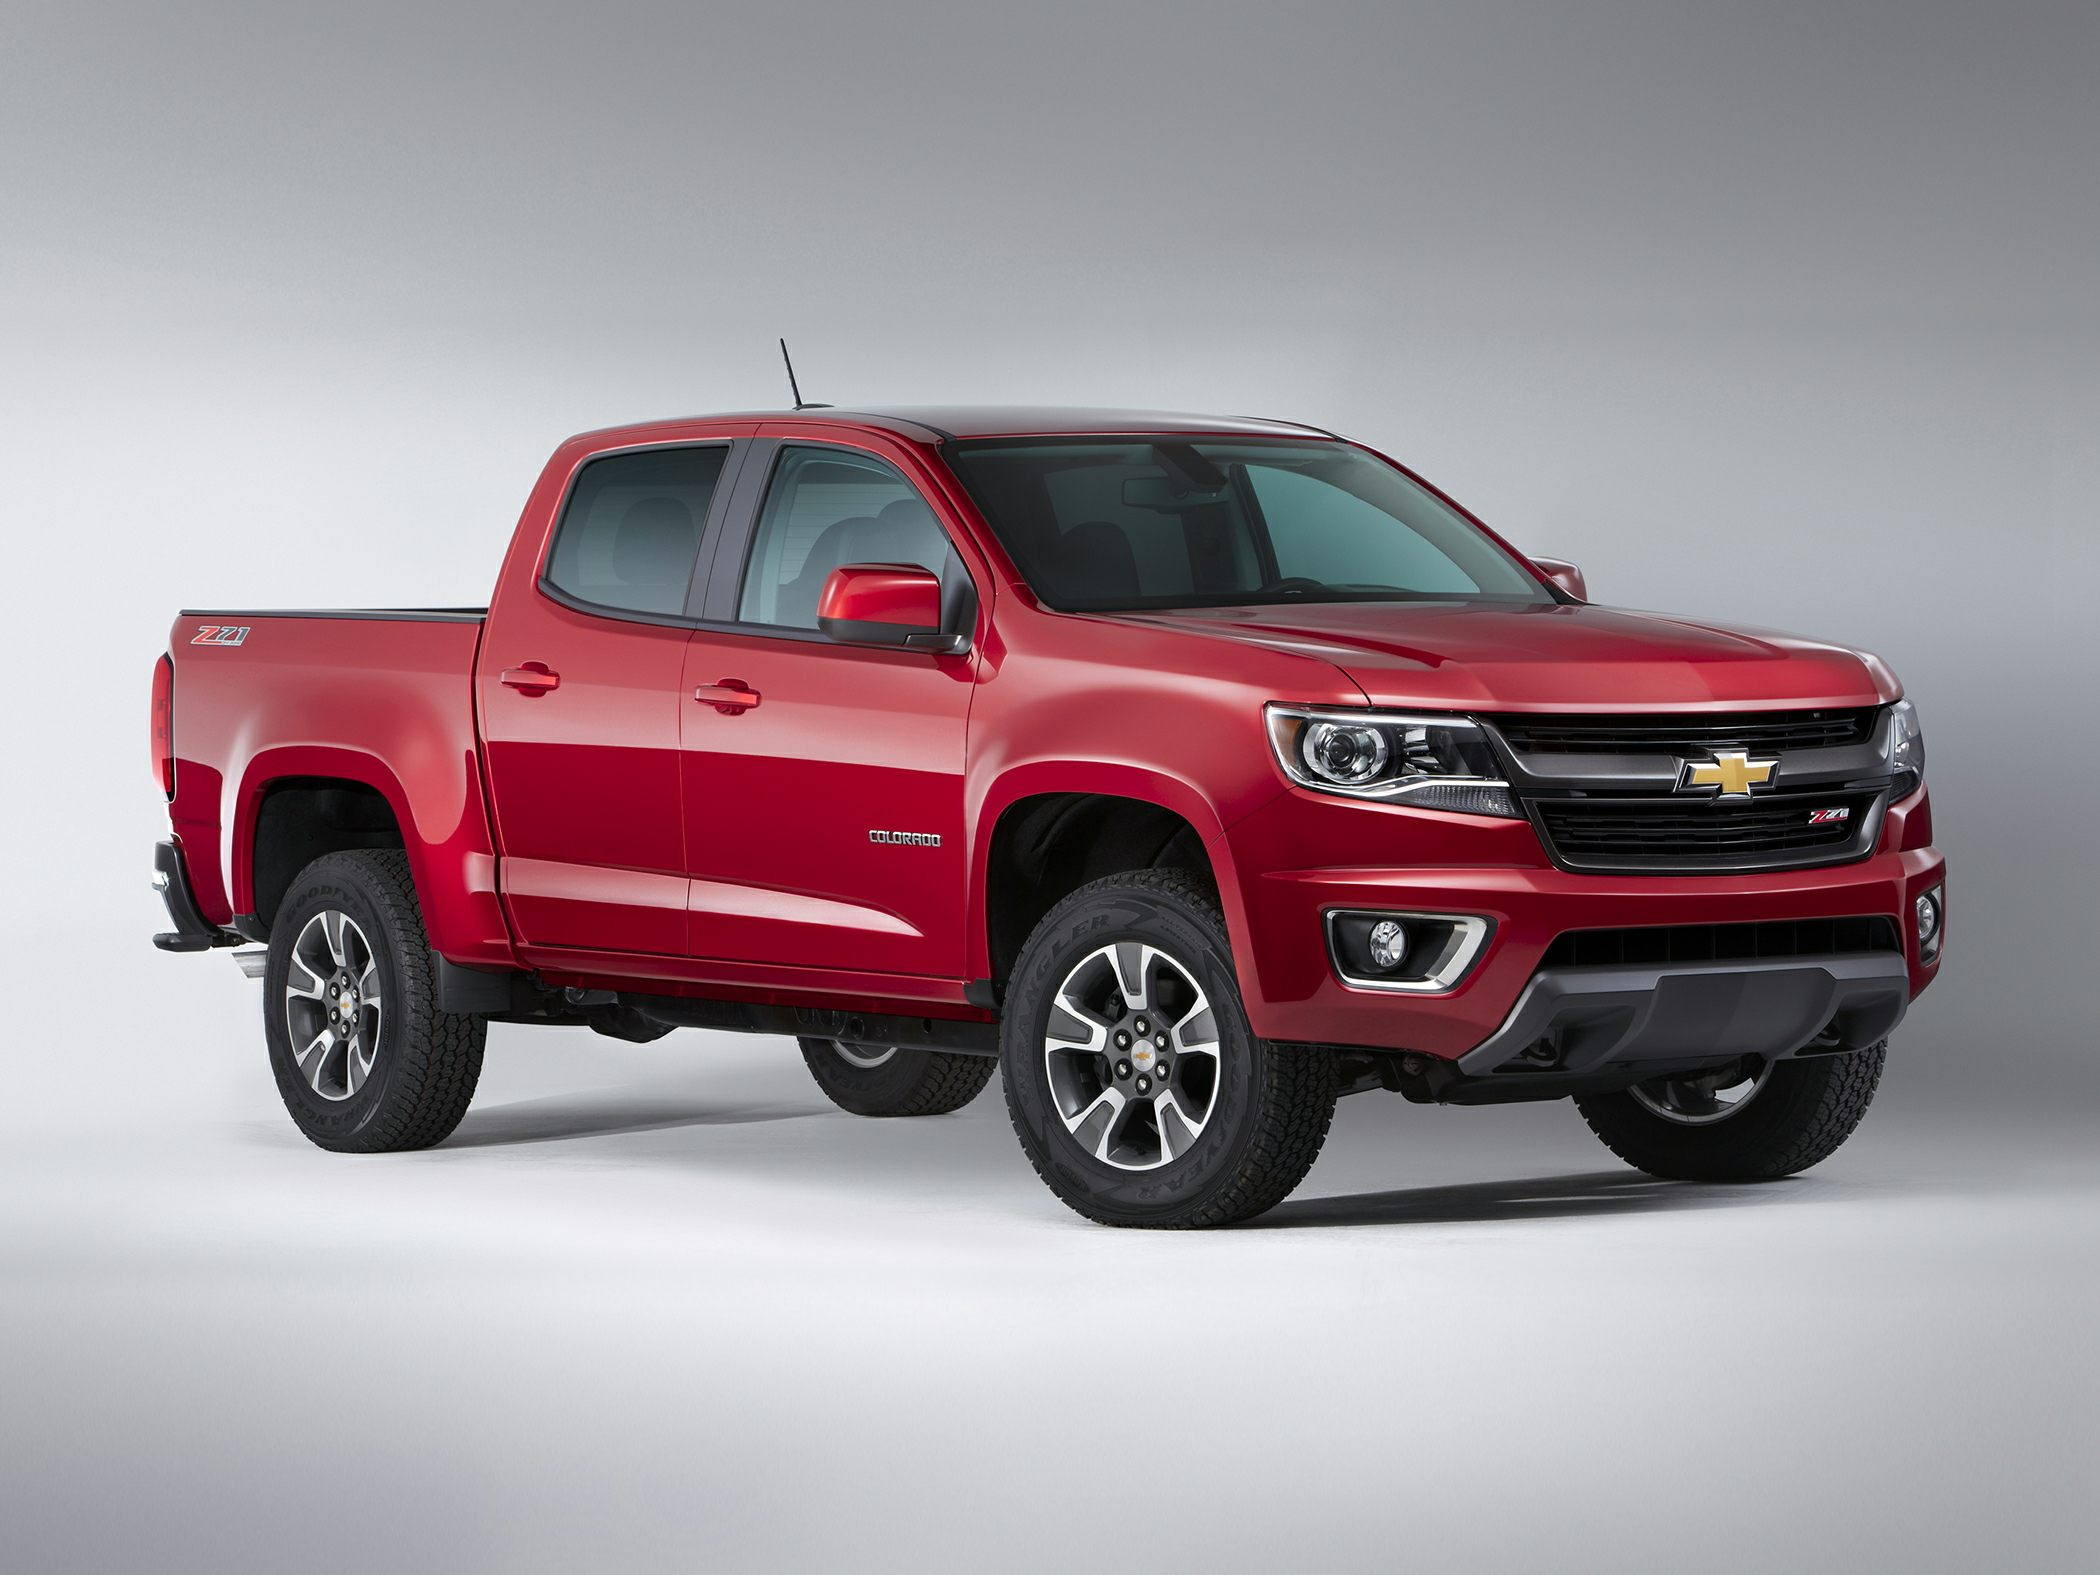 2017 Chevrolet Colorado Reviews, Specs and Prices | Cars.com